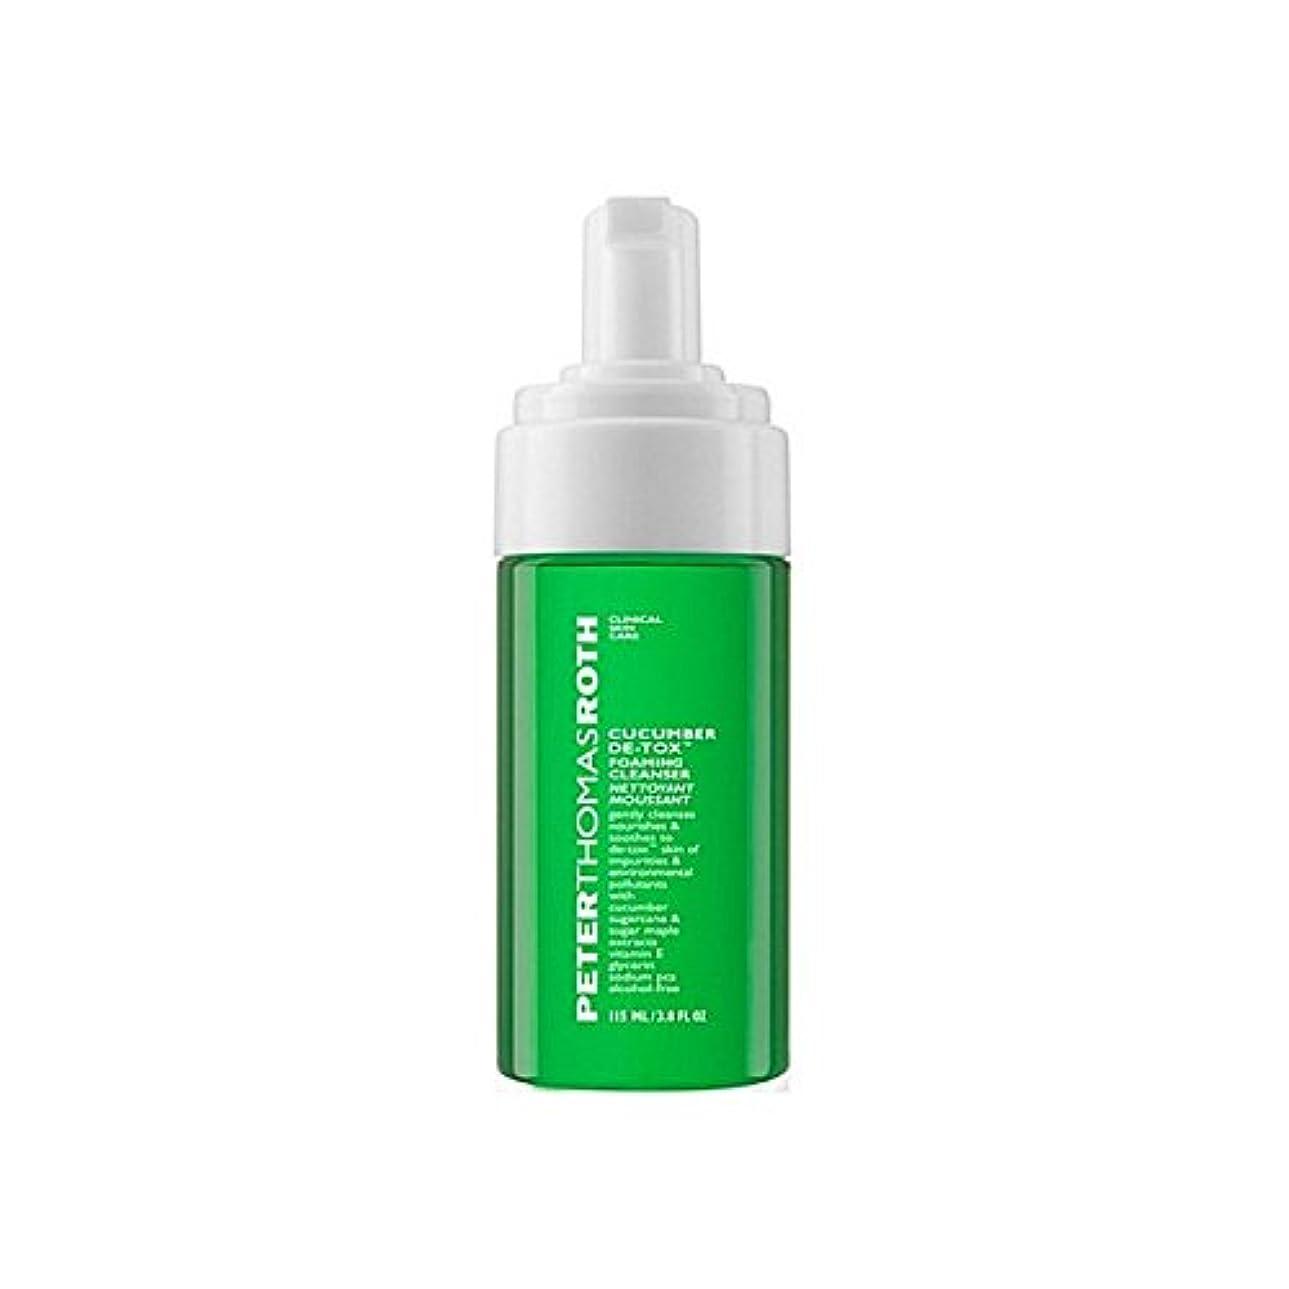 クールソート絡み合いピータートーマスロスキュウリデ発泡クレンザー x4 - Peter Thomas Roth Cucumber De-Tox Foaming Cleanser (Pack of 4) [並行輸入品]